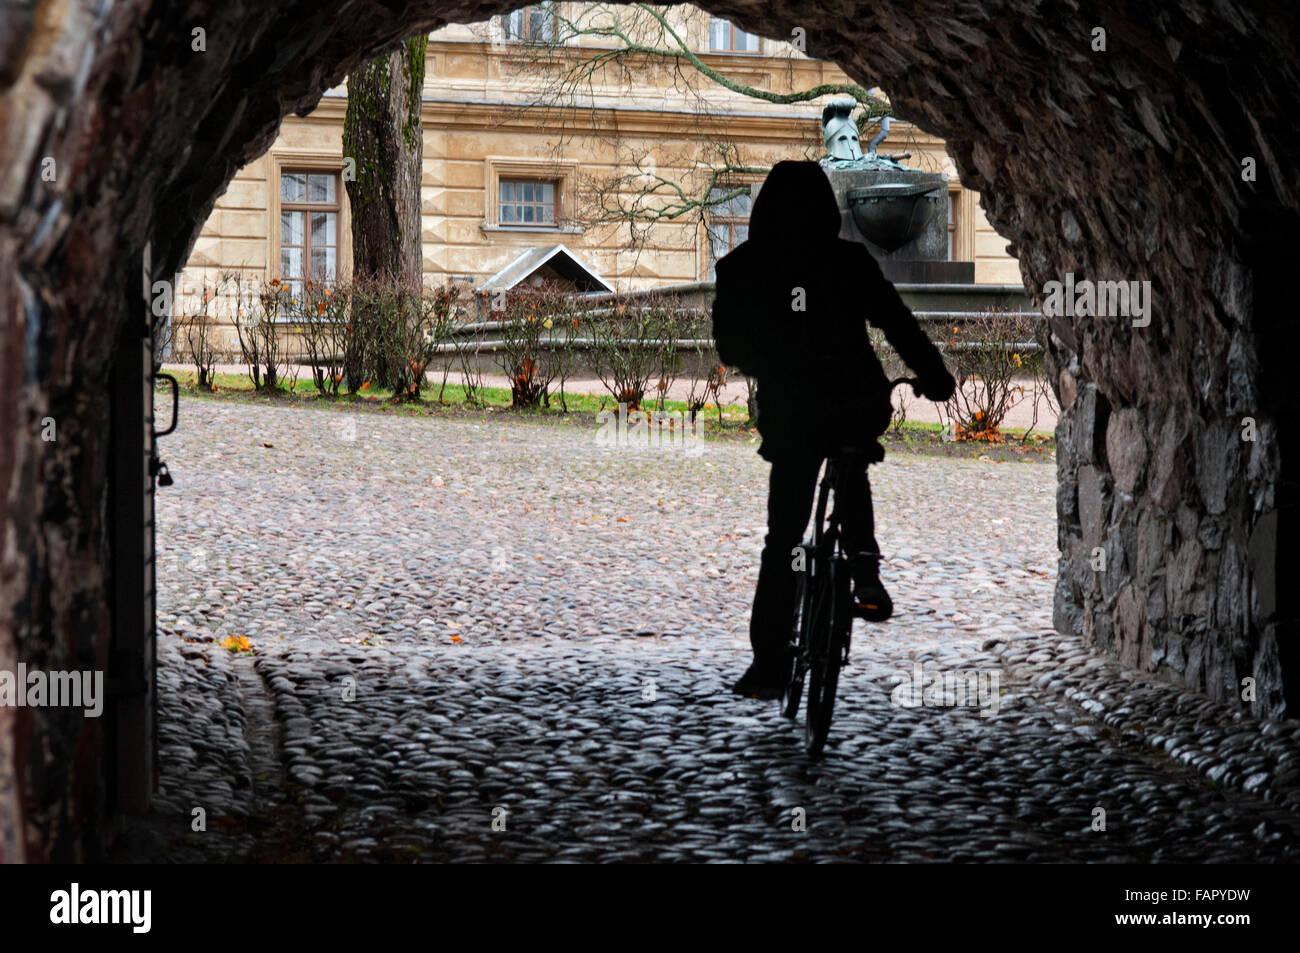 Embarquement au passage de la forteresse de Suomenlinna, Helsinki, Finlande. L'un des plusieurs tunnels qui relient différentes routes dans les zones rocheuses à l'Est Banque D'Images